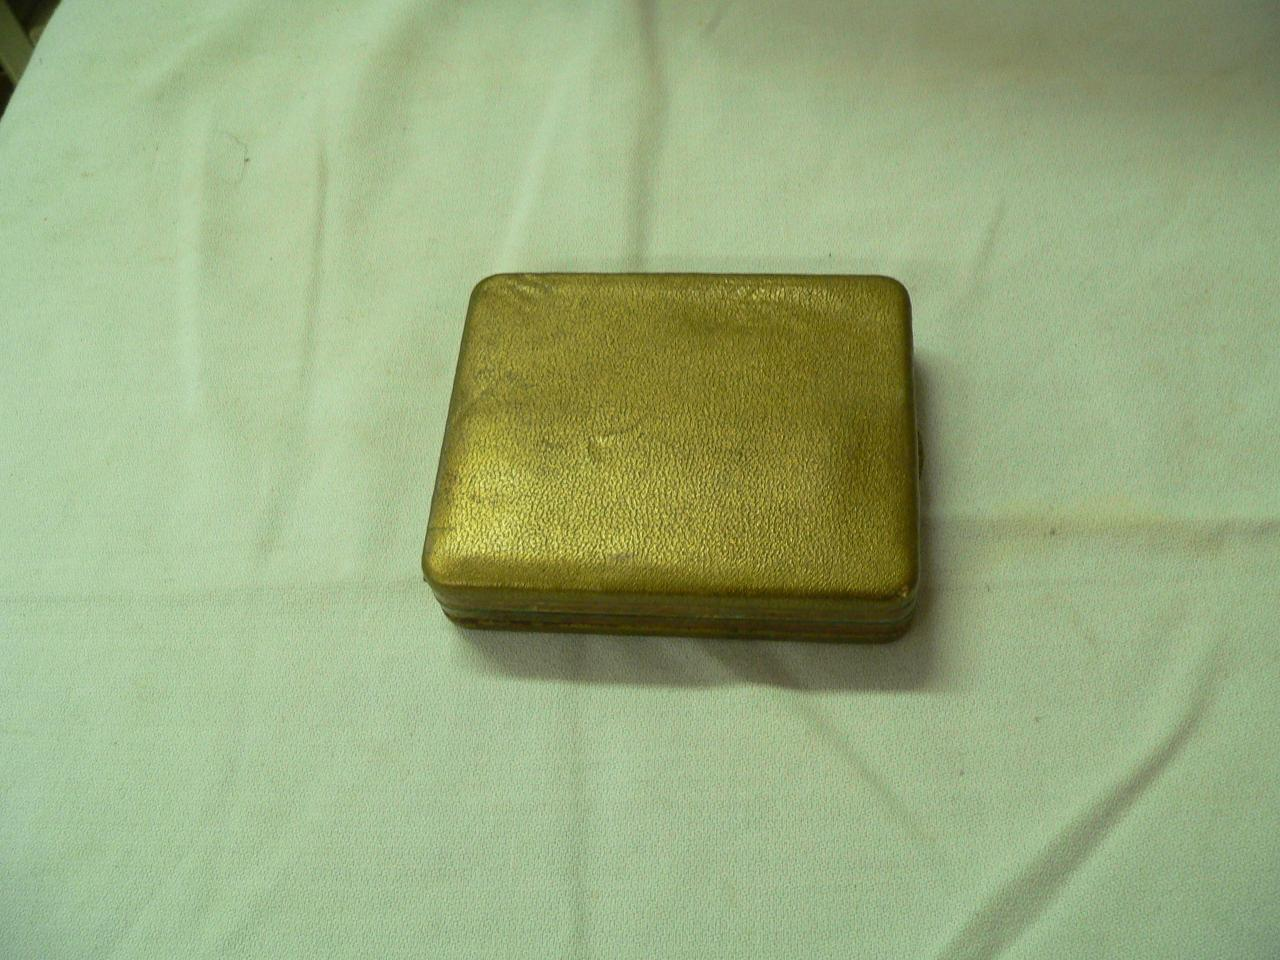 Trousse de beauté antique # 3954